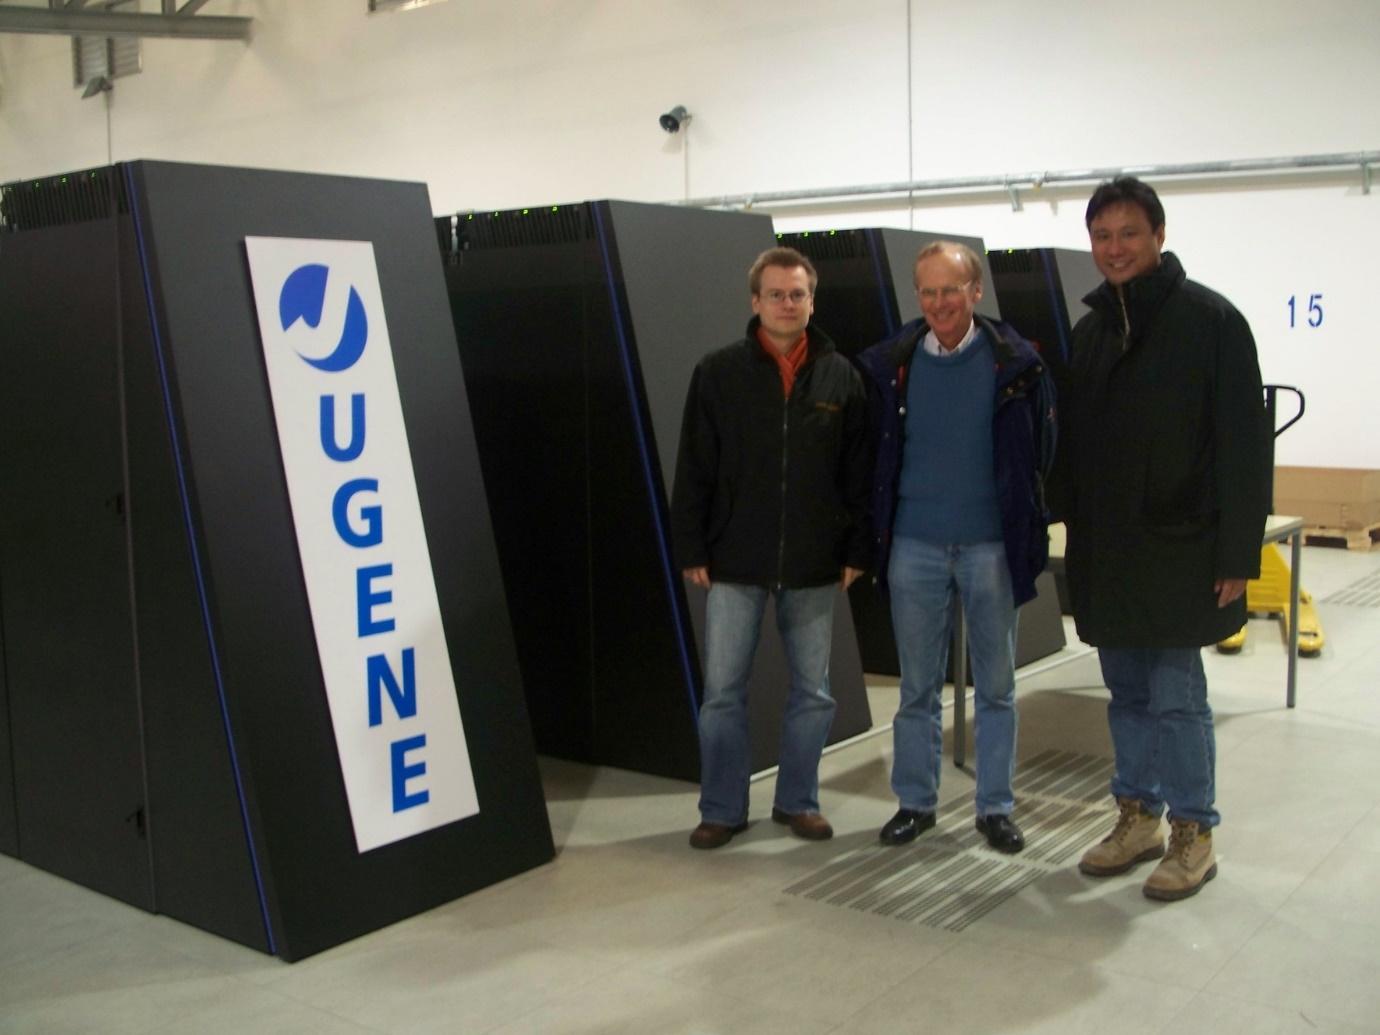 于利希研究院的超級電腦中心。 圖片來源│林榮信提供